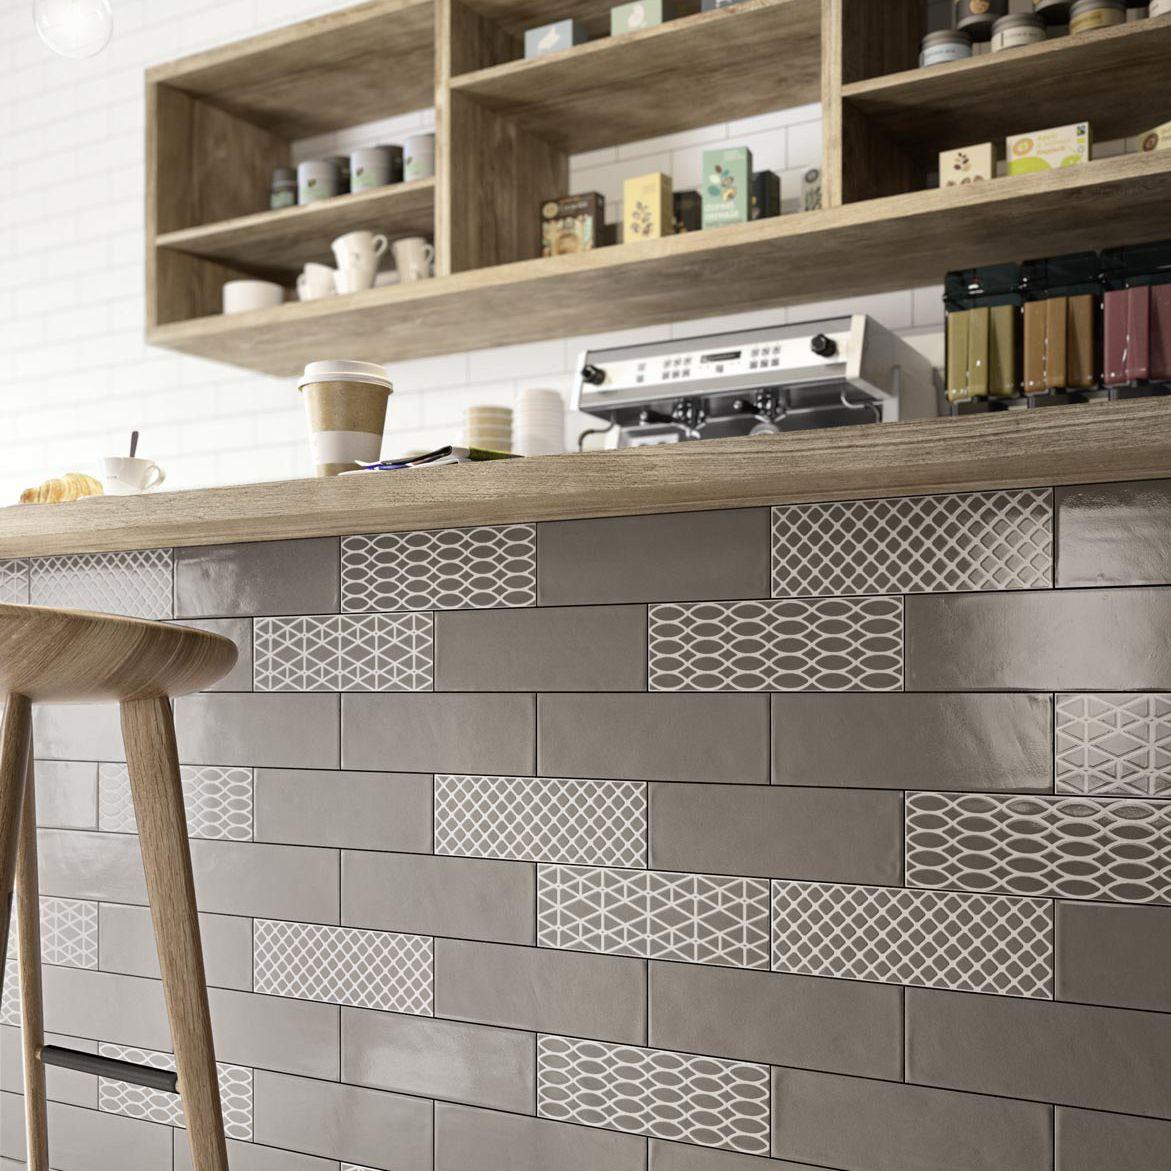 Badezimmer-Fliesen / Küchen / Wand / Keramik - BRICK GLOSSY ...